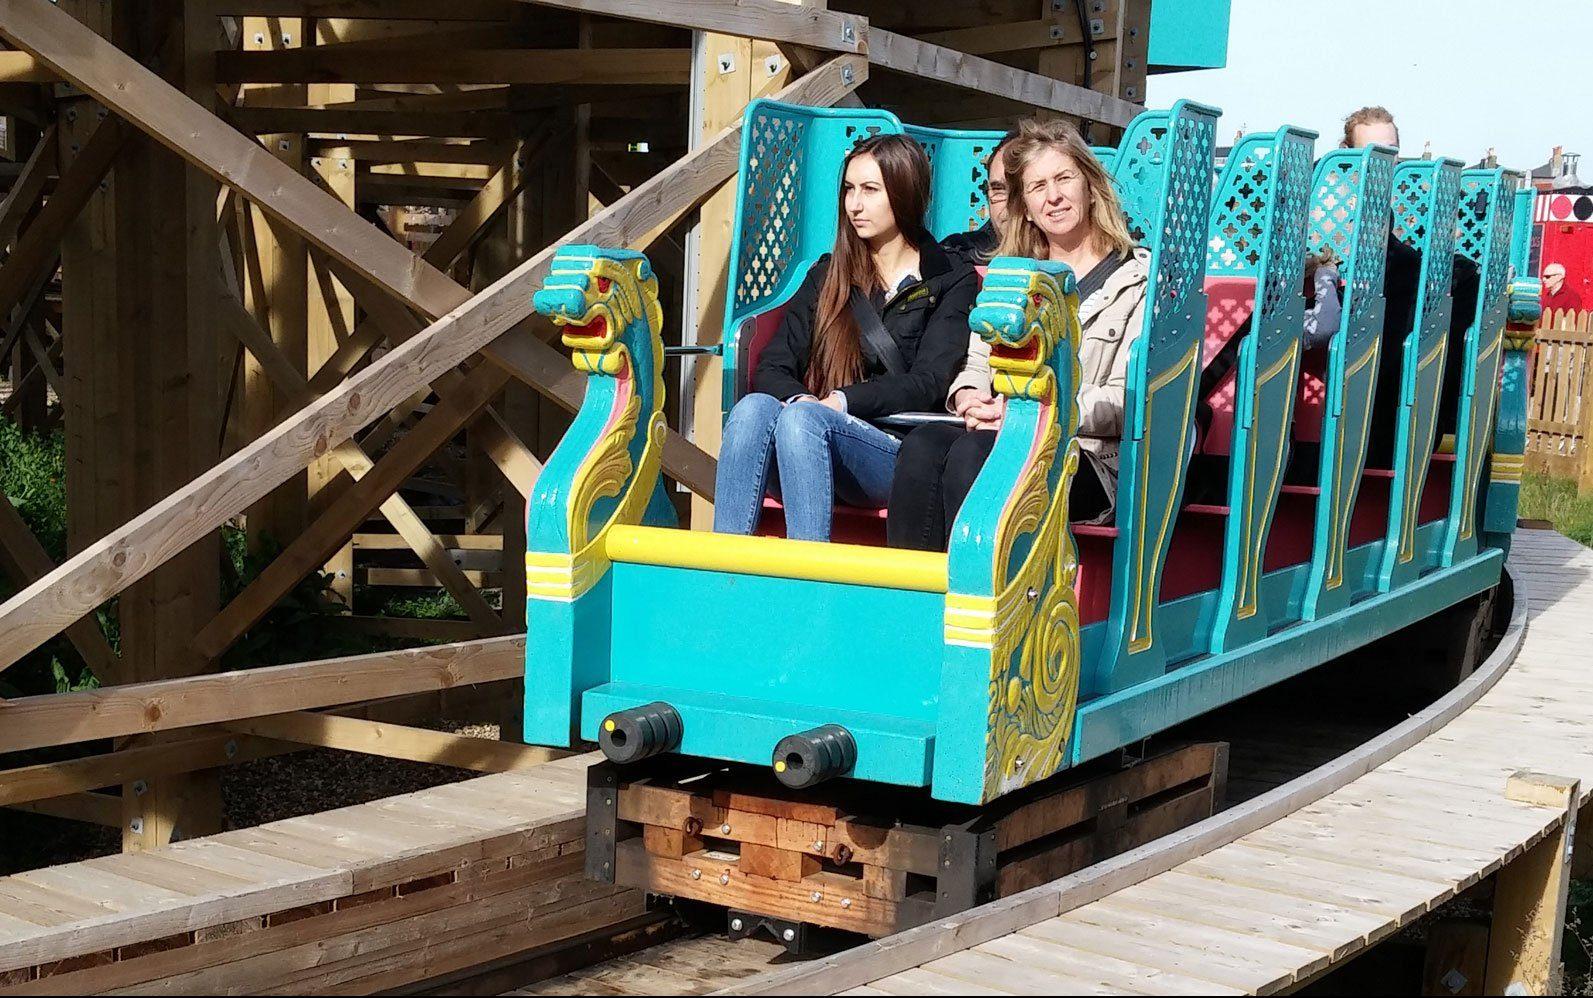 Dreamland Scenic Railway Roller Coater